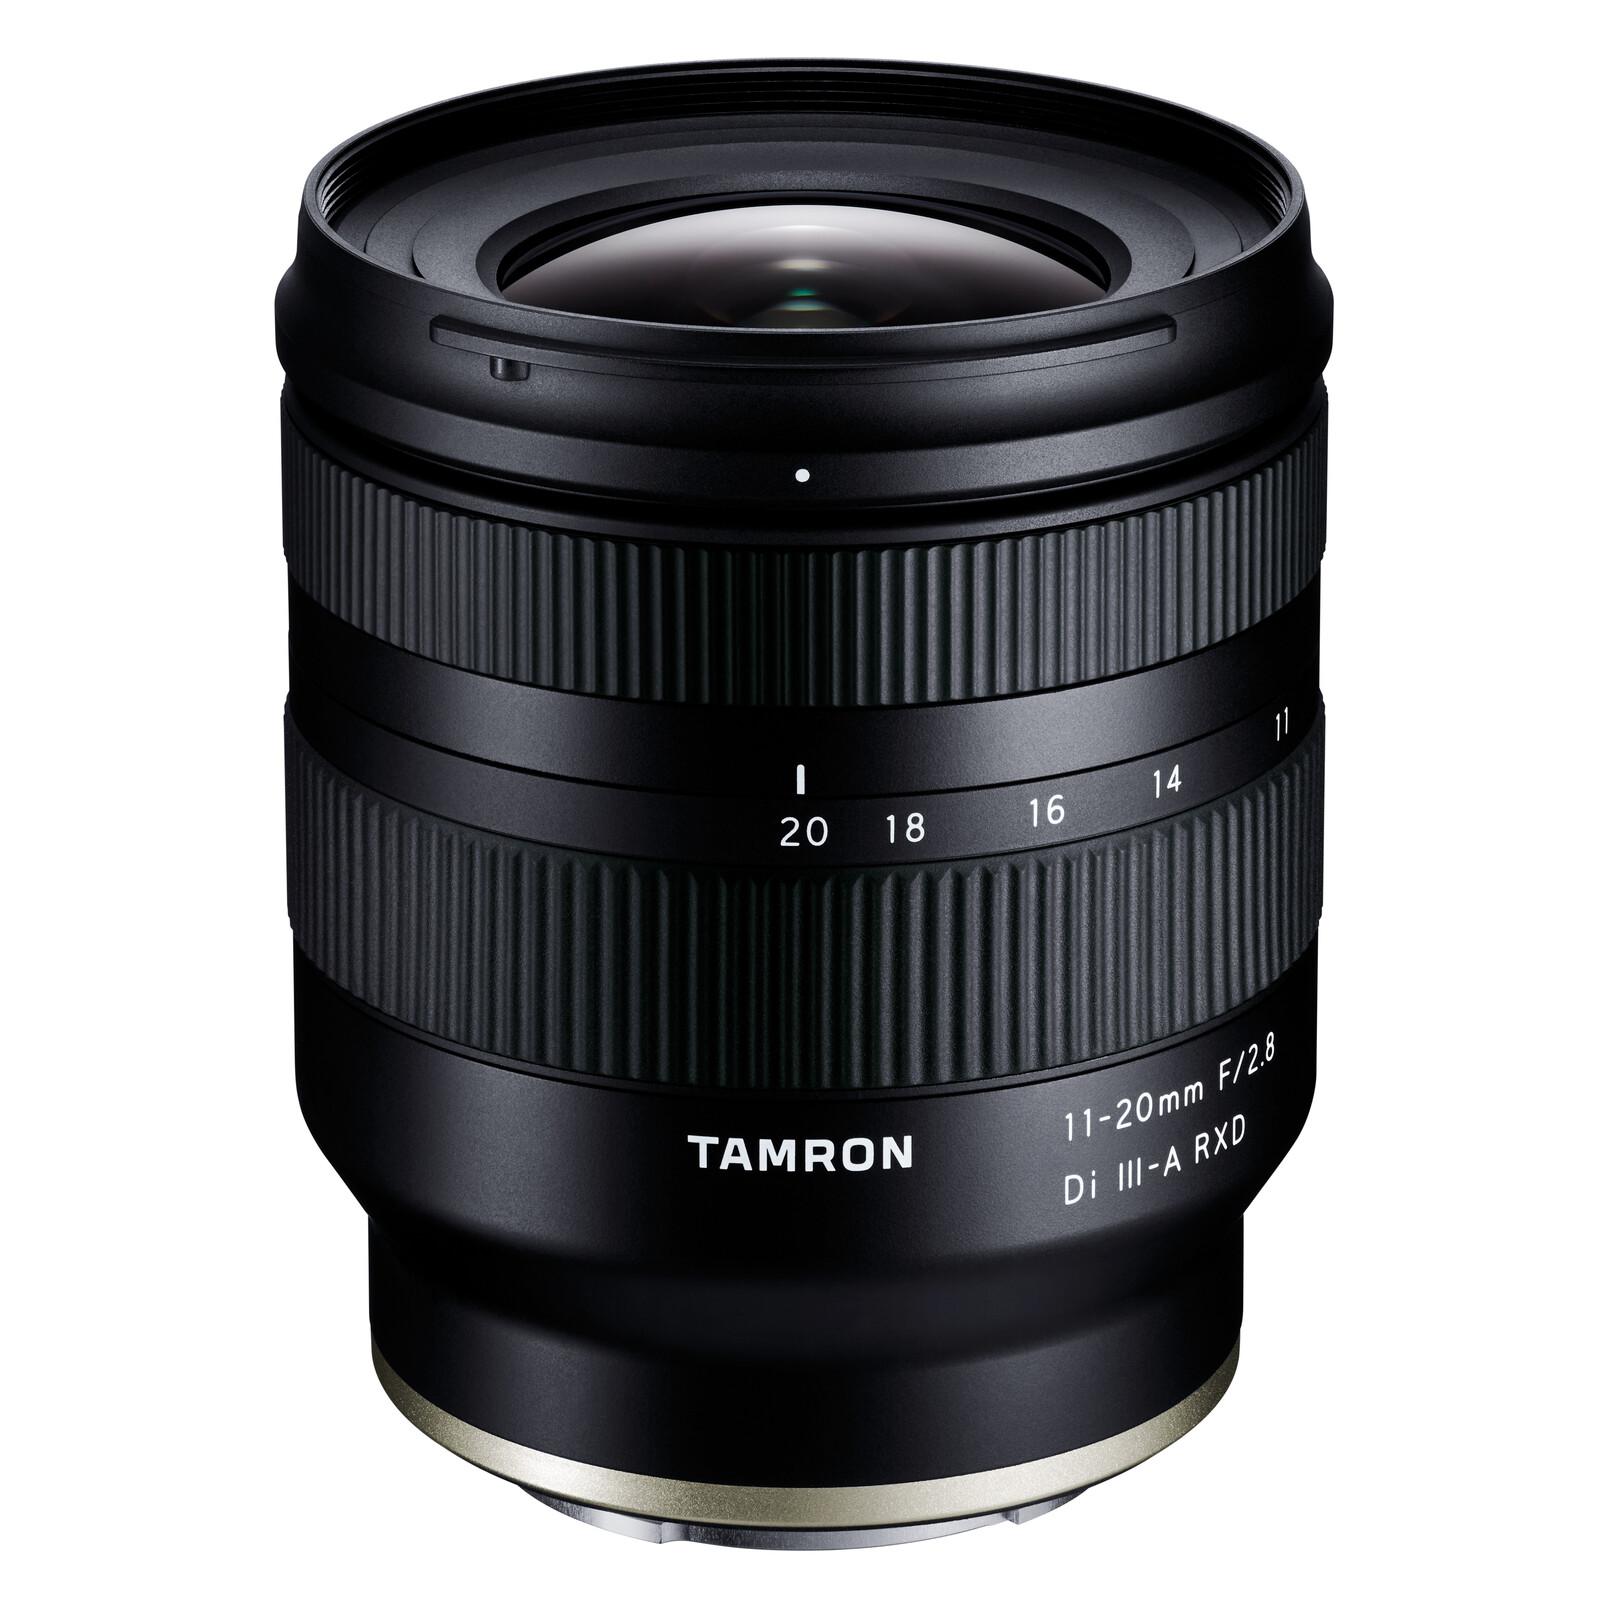 Tamron 11-20/2.8 Di III-A RXD